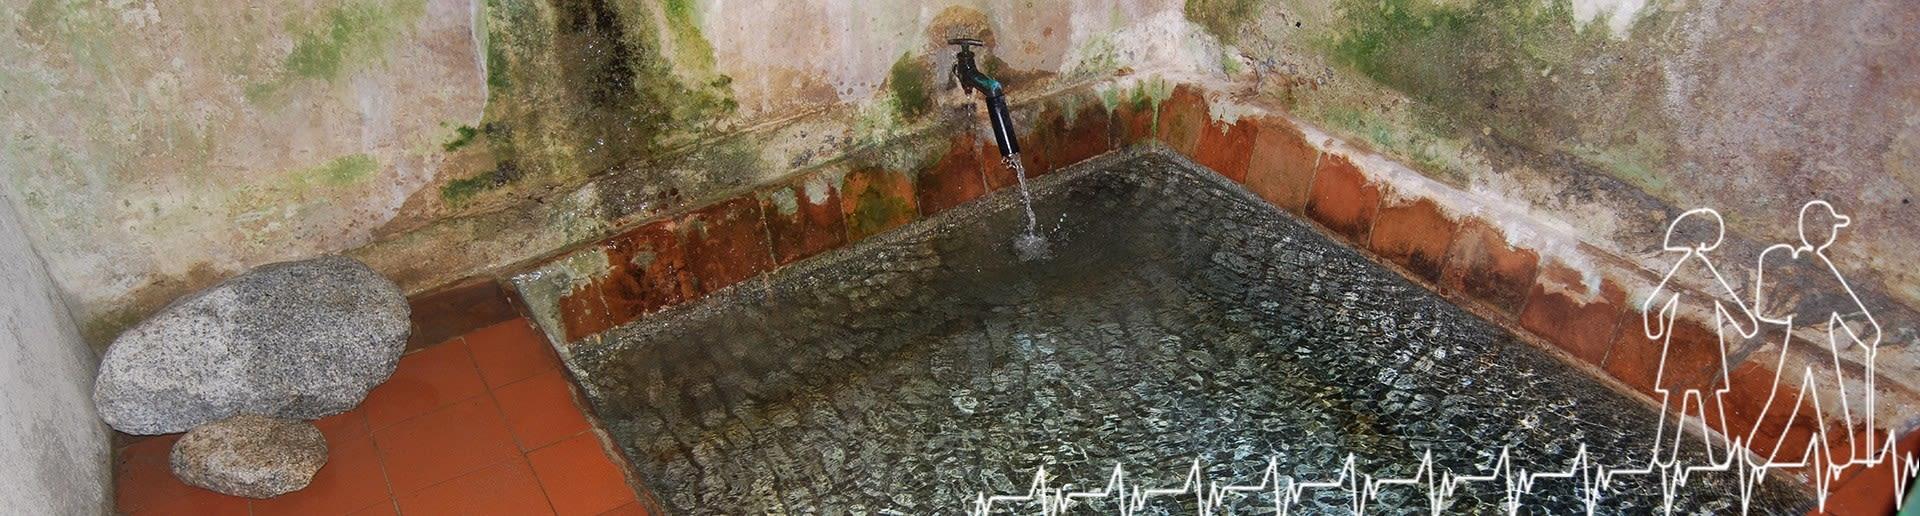 Bagni di Guida (Bivongi); Vasca terme dei Bagni di Guida